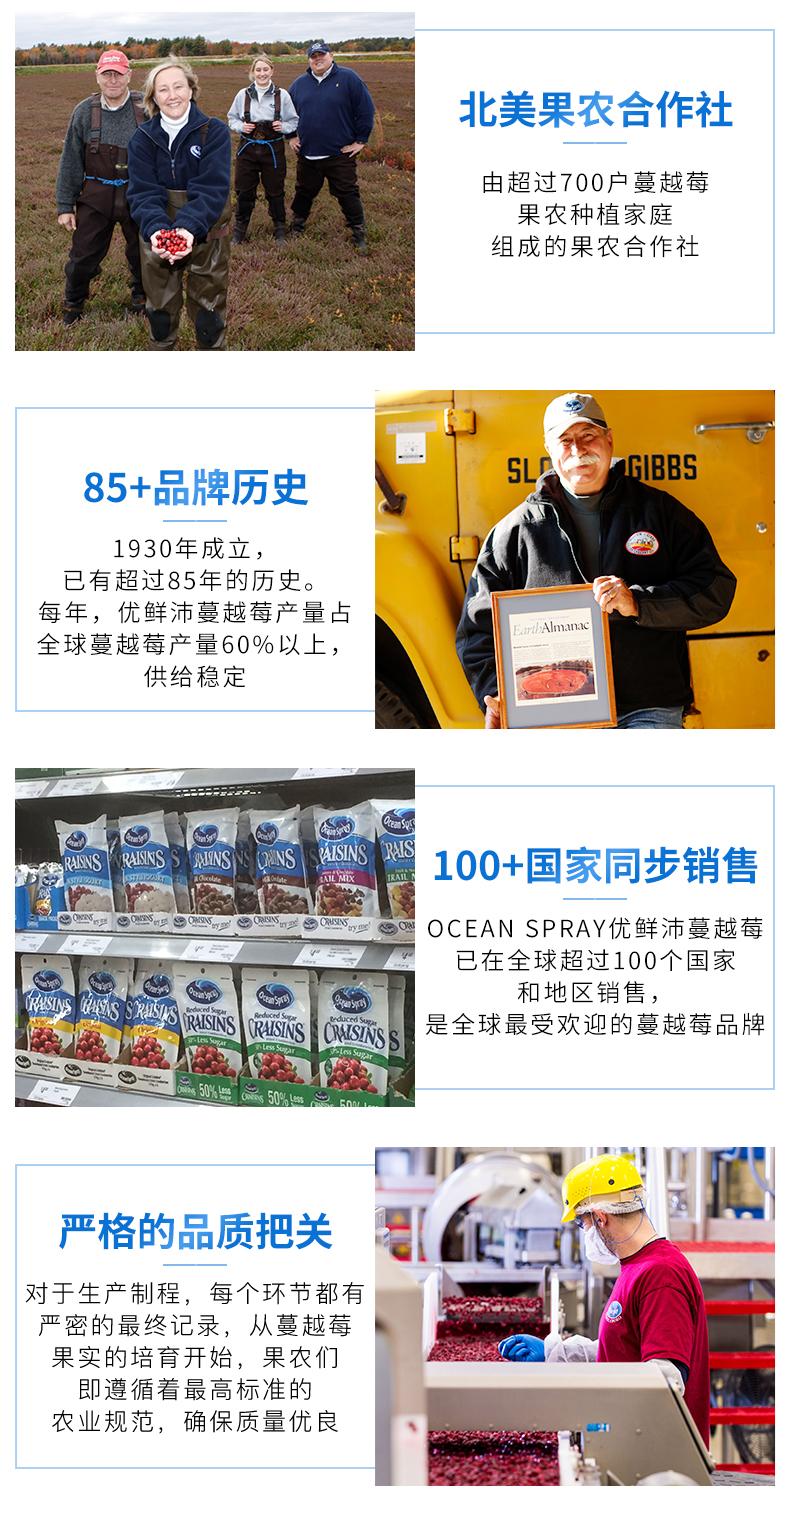 美国进口 OceanSpray优鲜沛 蔓越莓干 1360g*2袋 图5